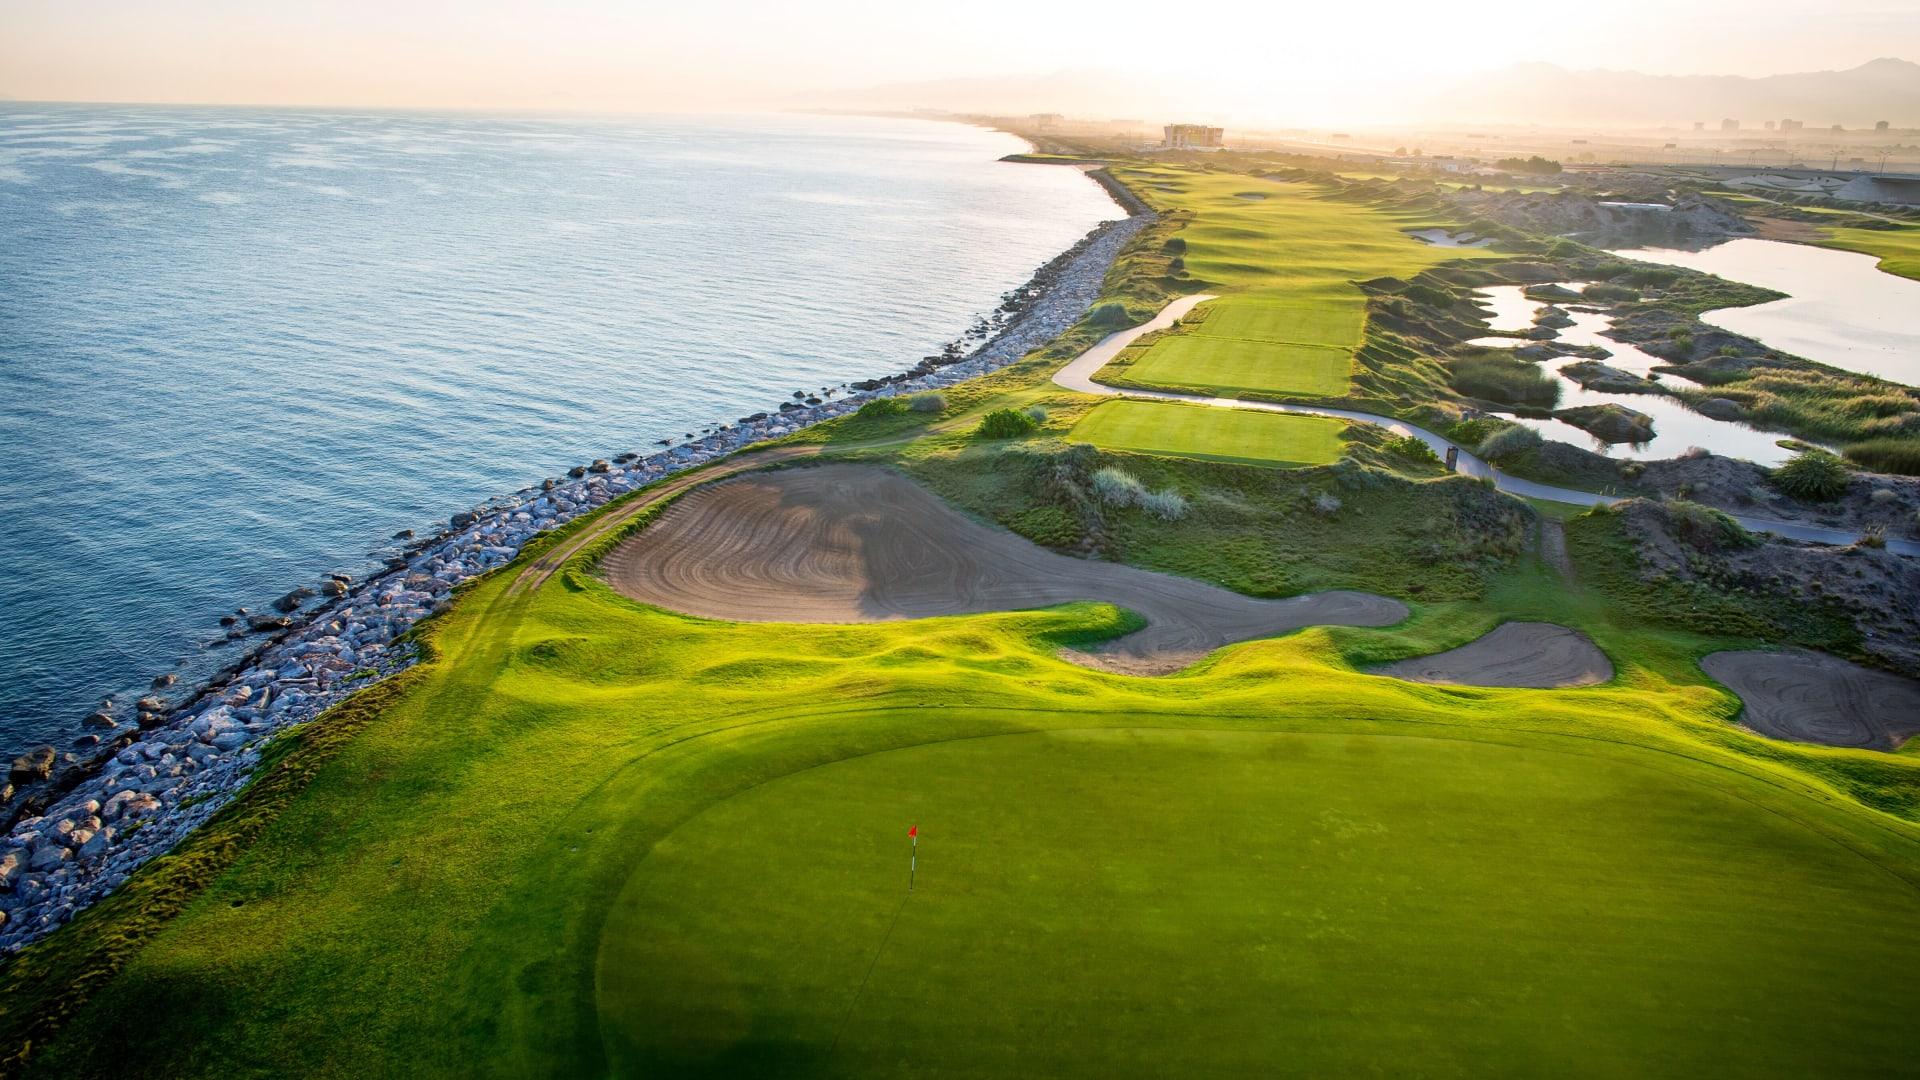 ملعب الموج للجولف